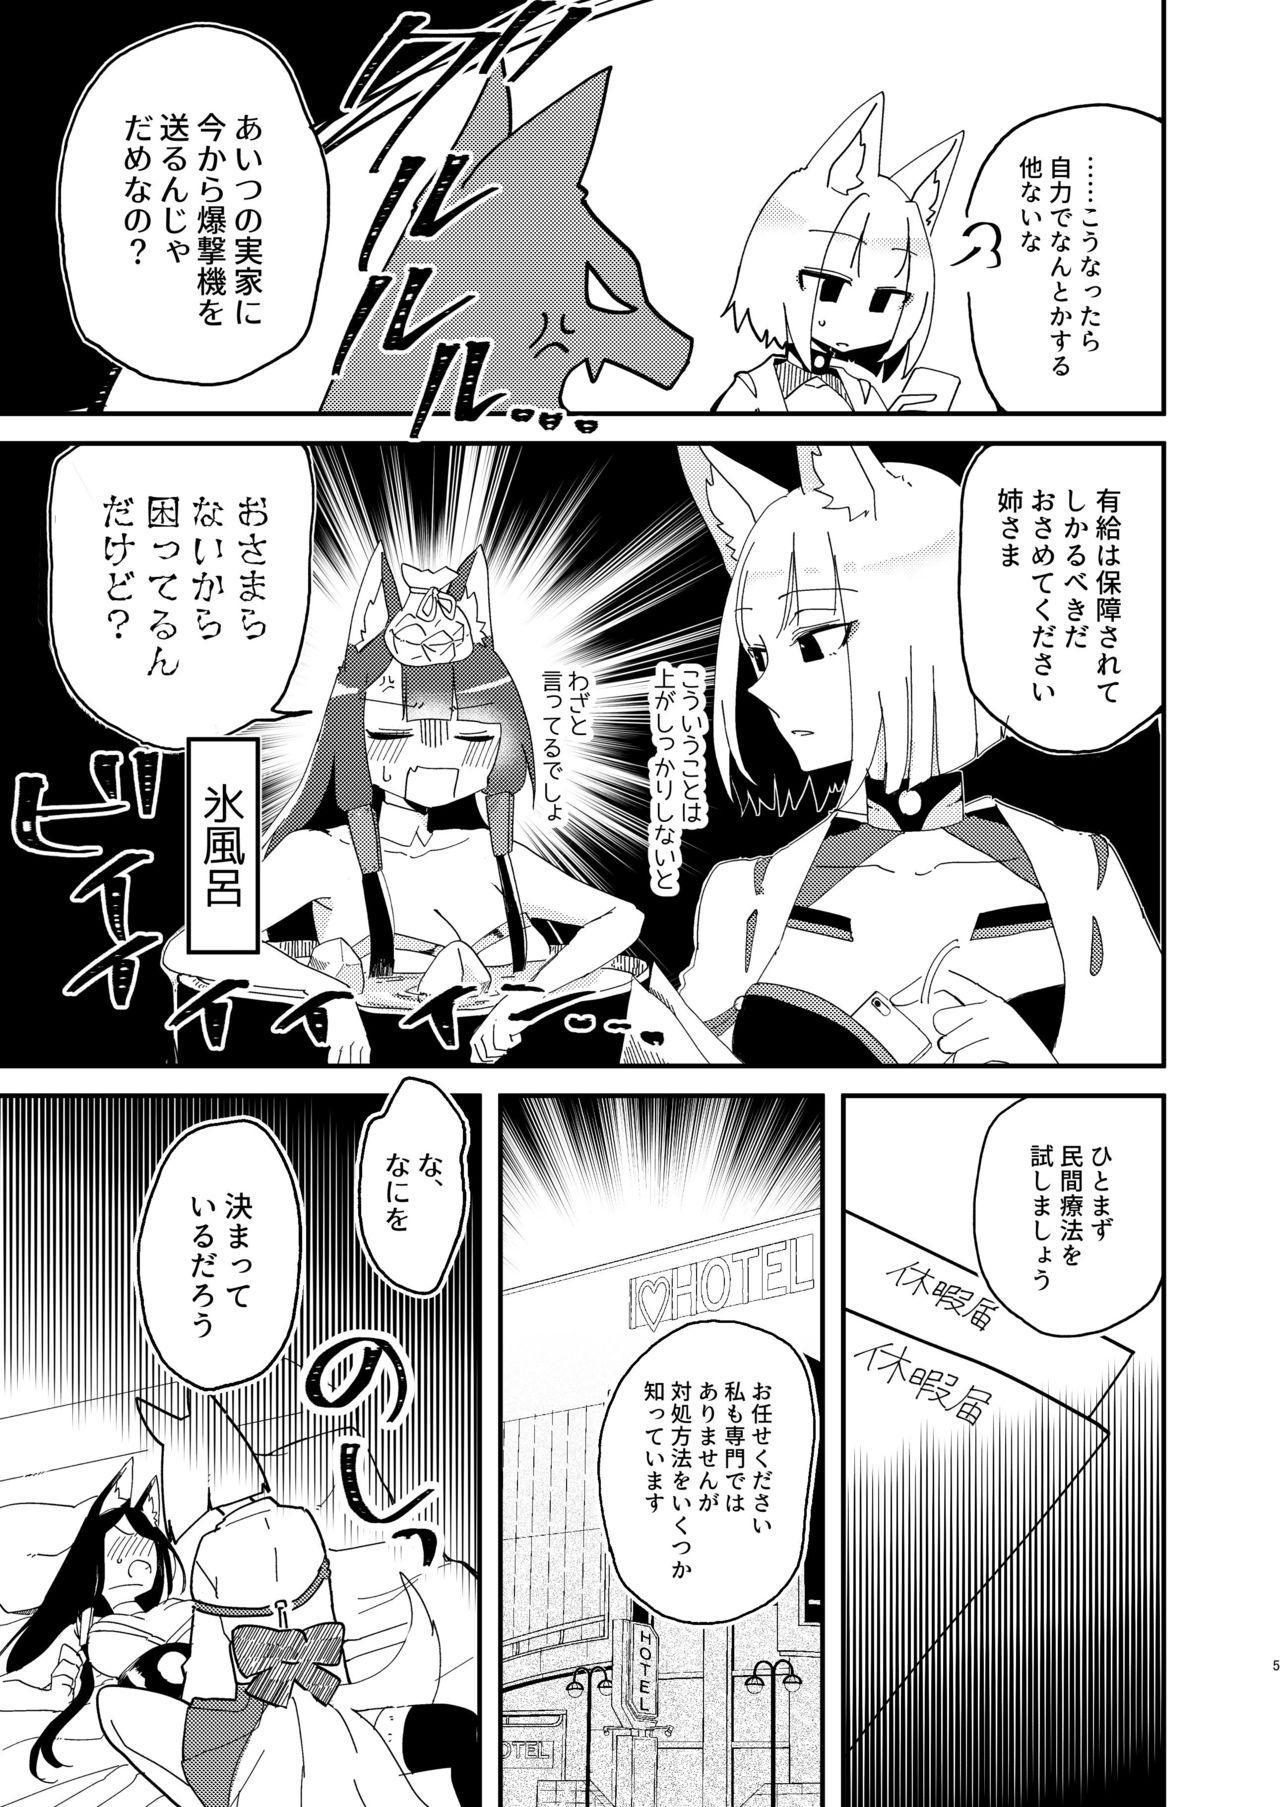 Kitai no Shisugi wa Kinmotsu desu! - Sticks are not necessarily buff 3